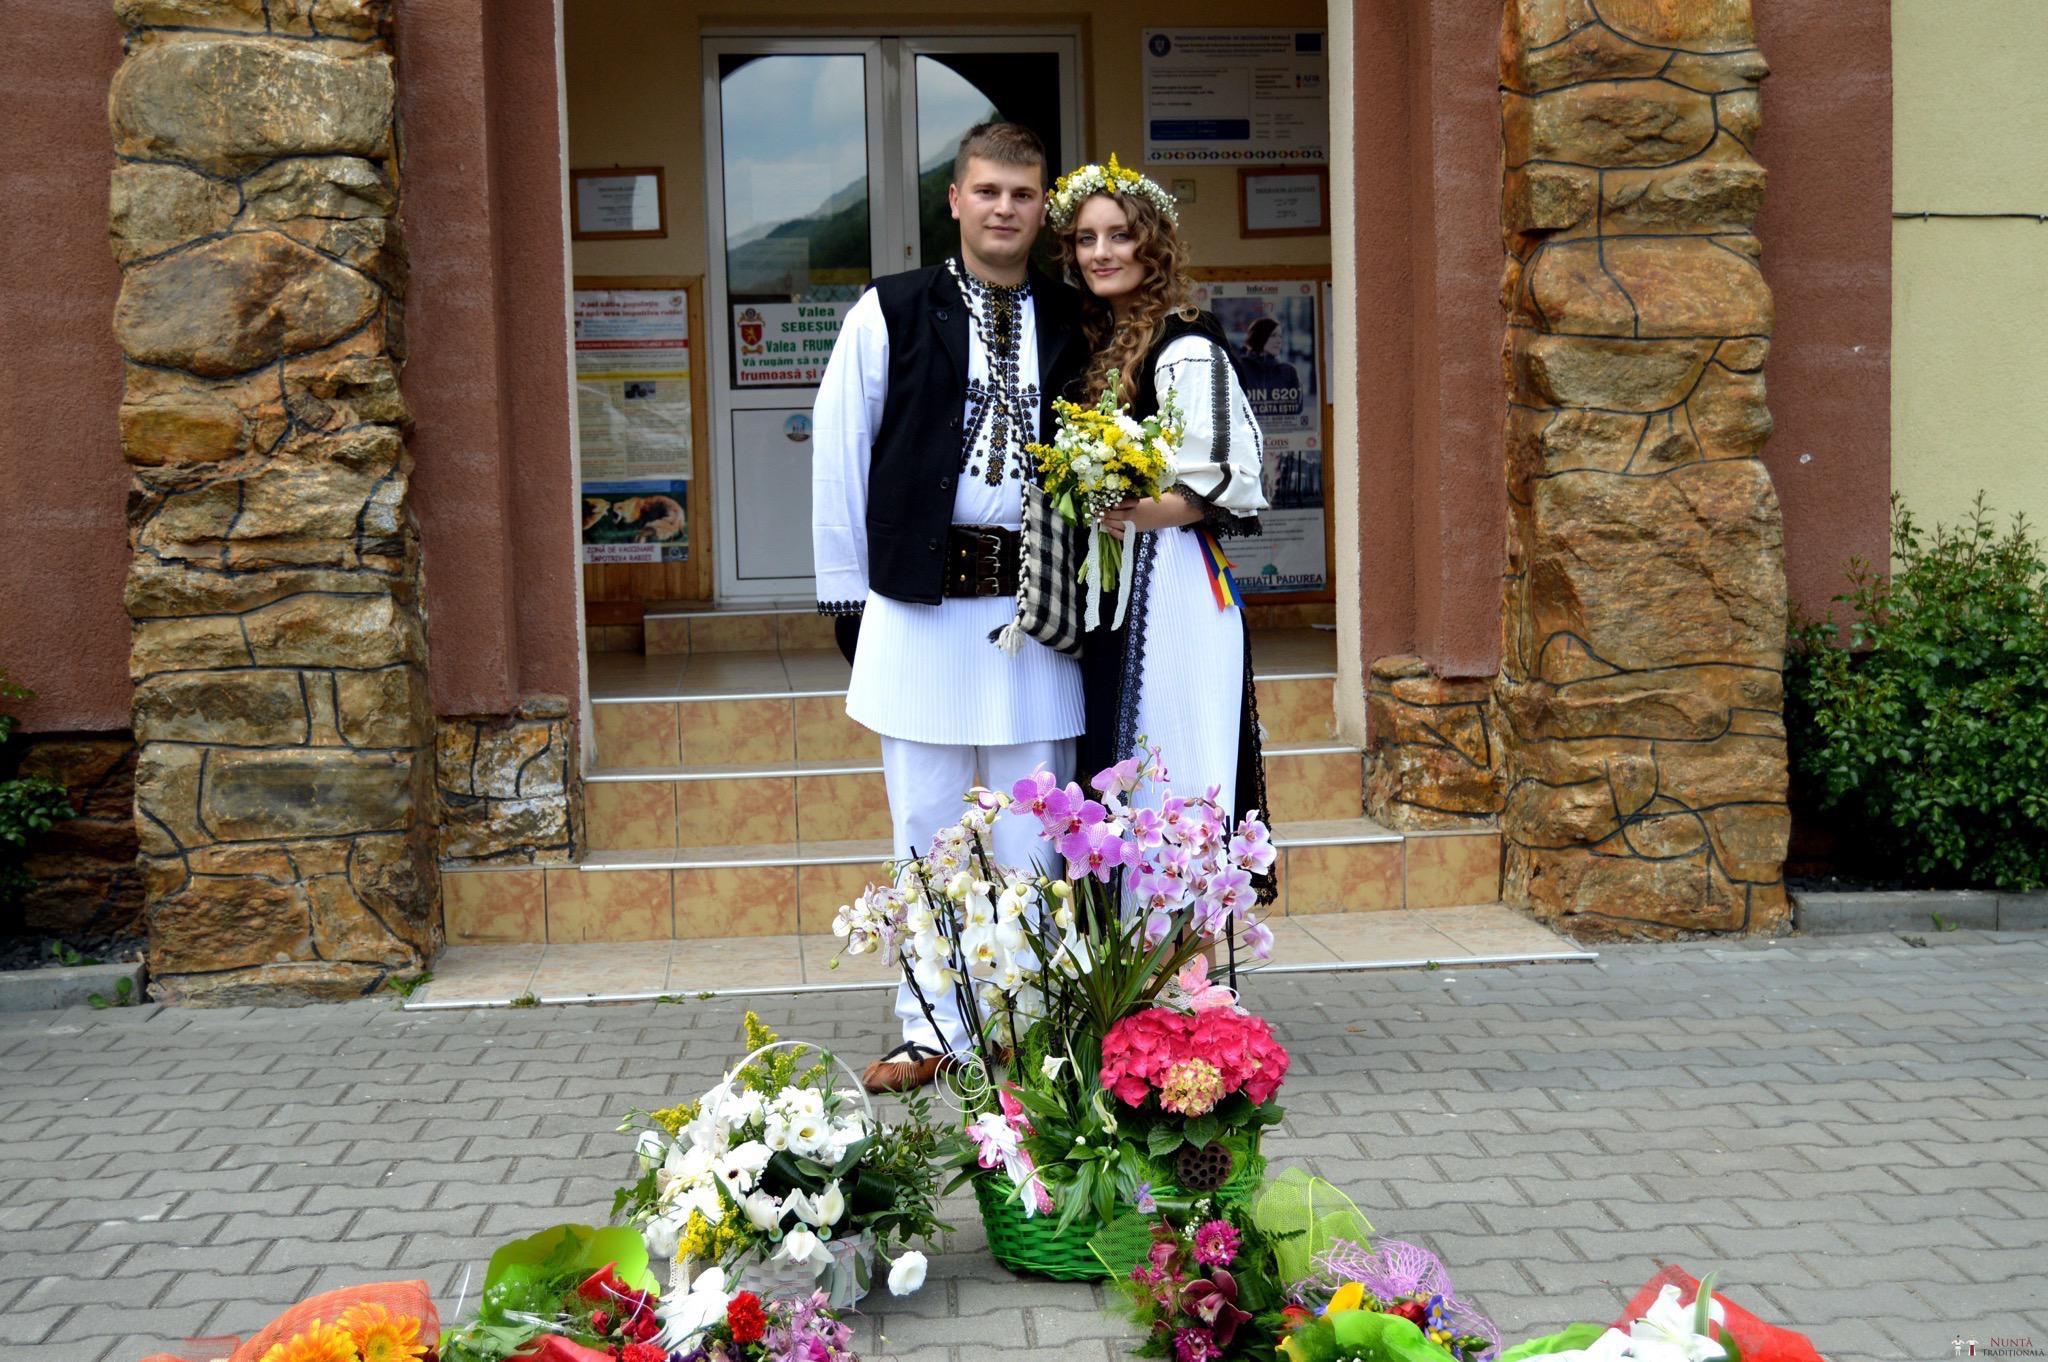 Povești Nunți Tradiționale - Constantin și Simona-Marilena. Nuntă tradițională în Căpâlna, Alba 3